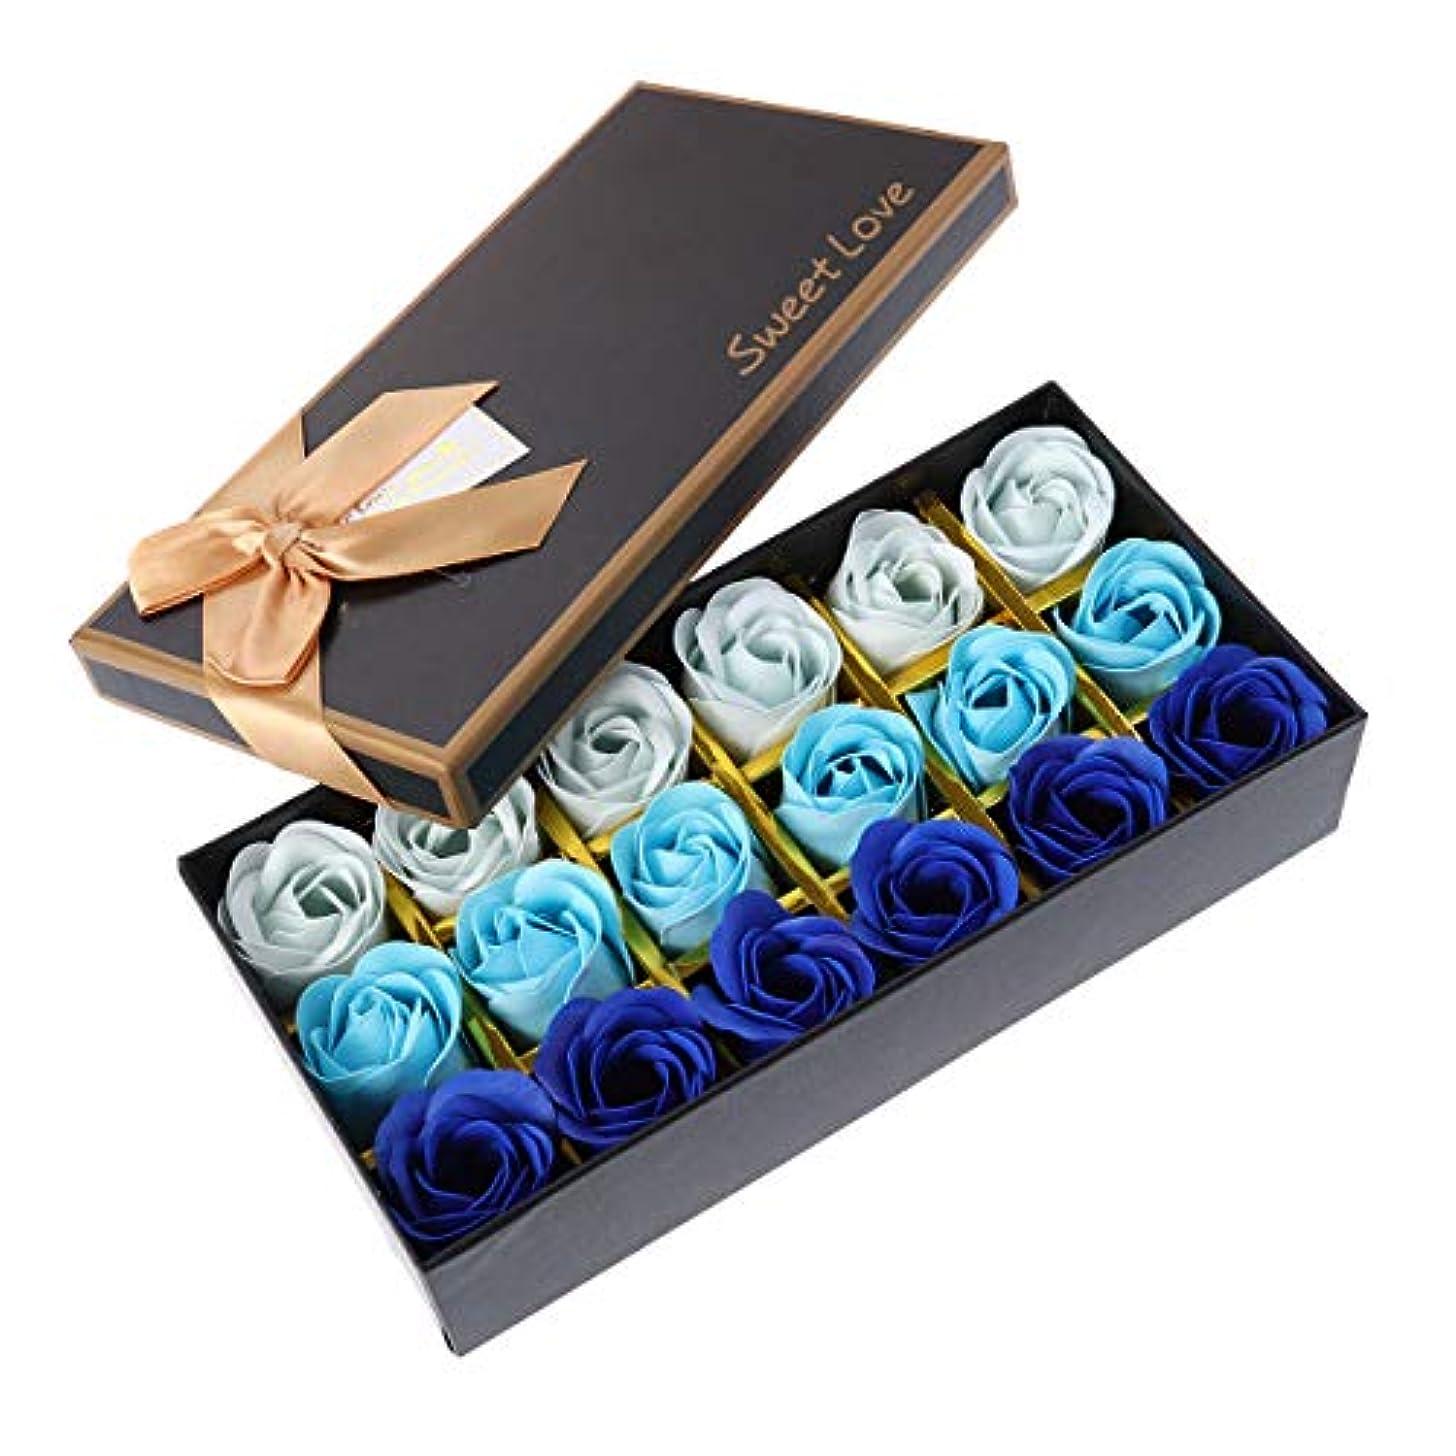 パウダー放棄された口実Beaupretty バレンタインデーの結婚式の誕生日プレゼントのための小さなクマとバラの石鹸の花